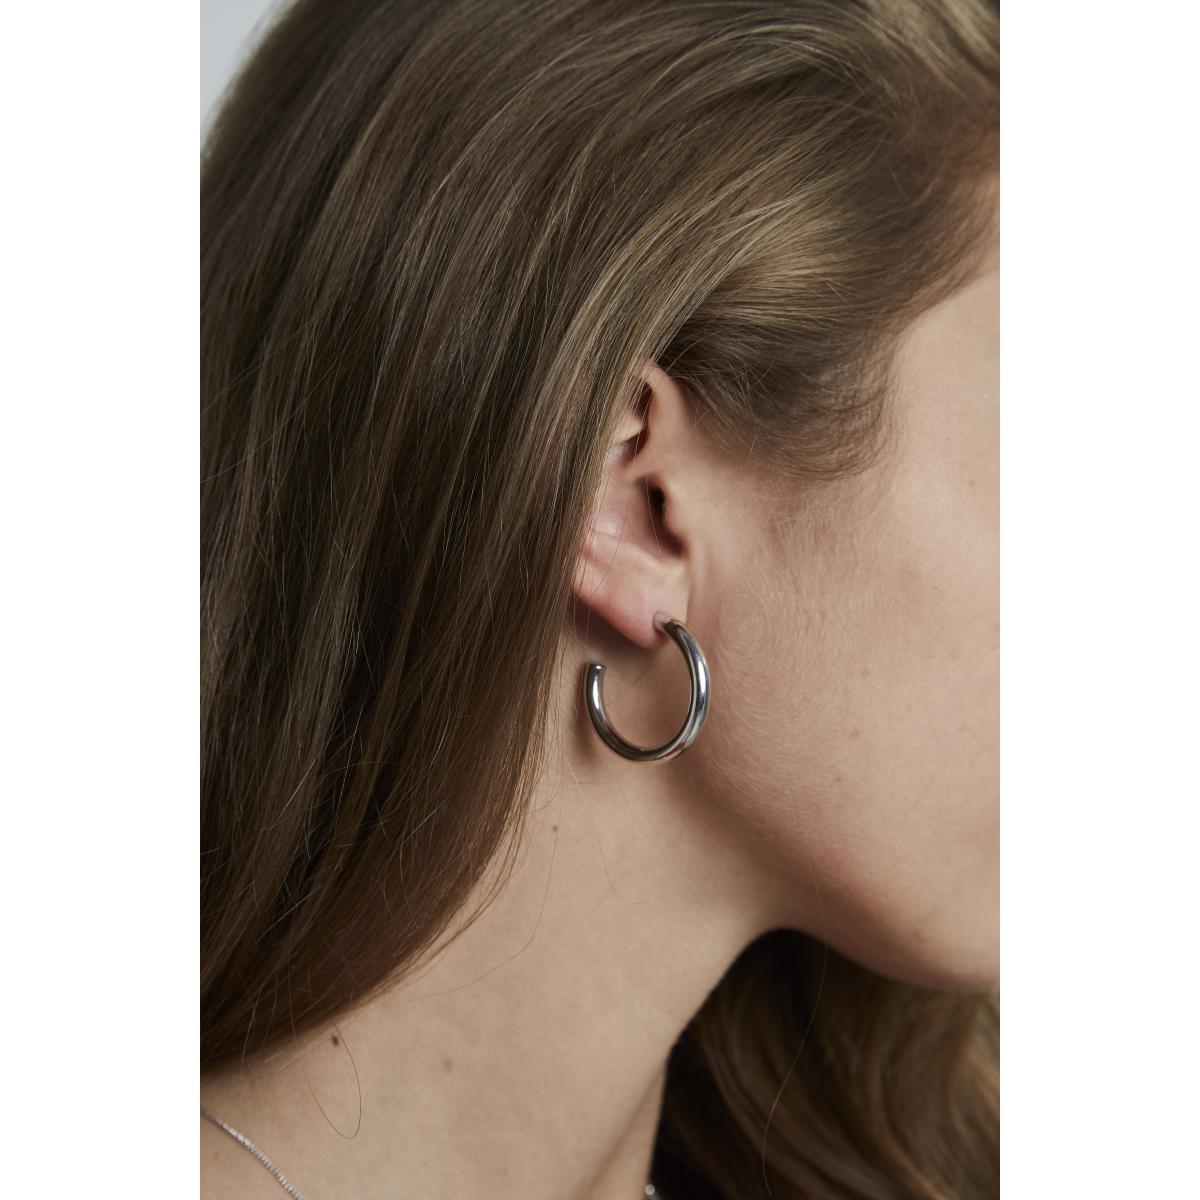 petits anneaux boucle d'oreille